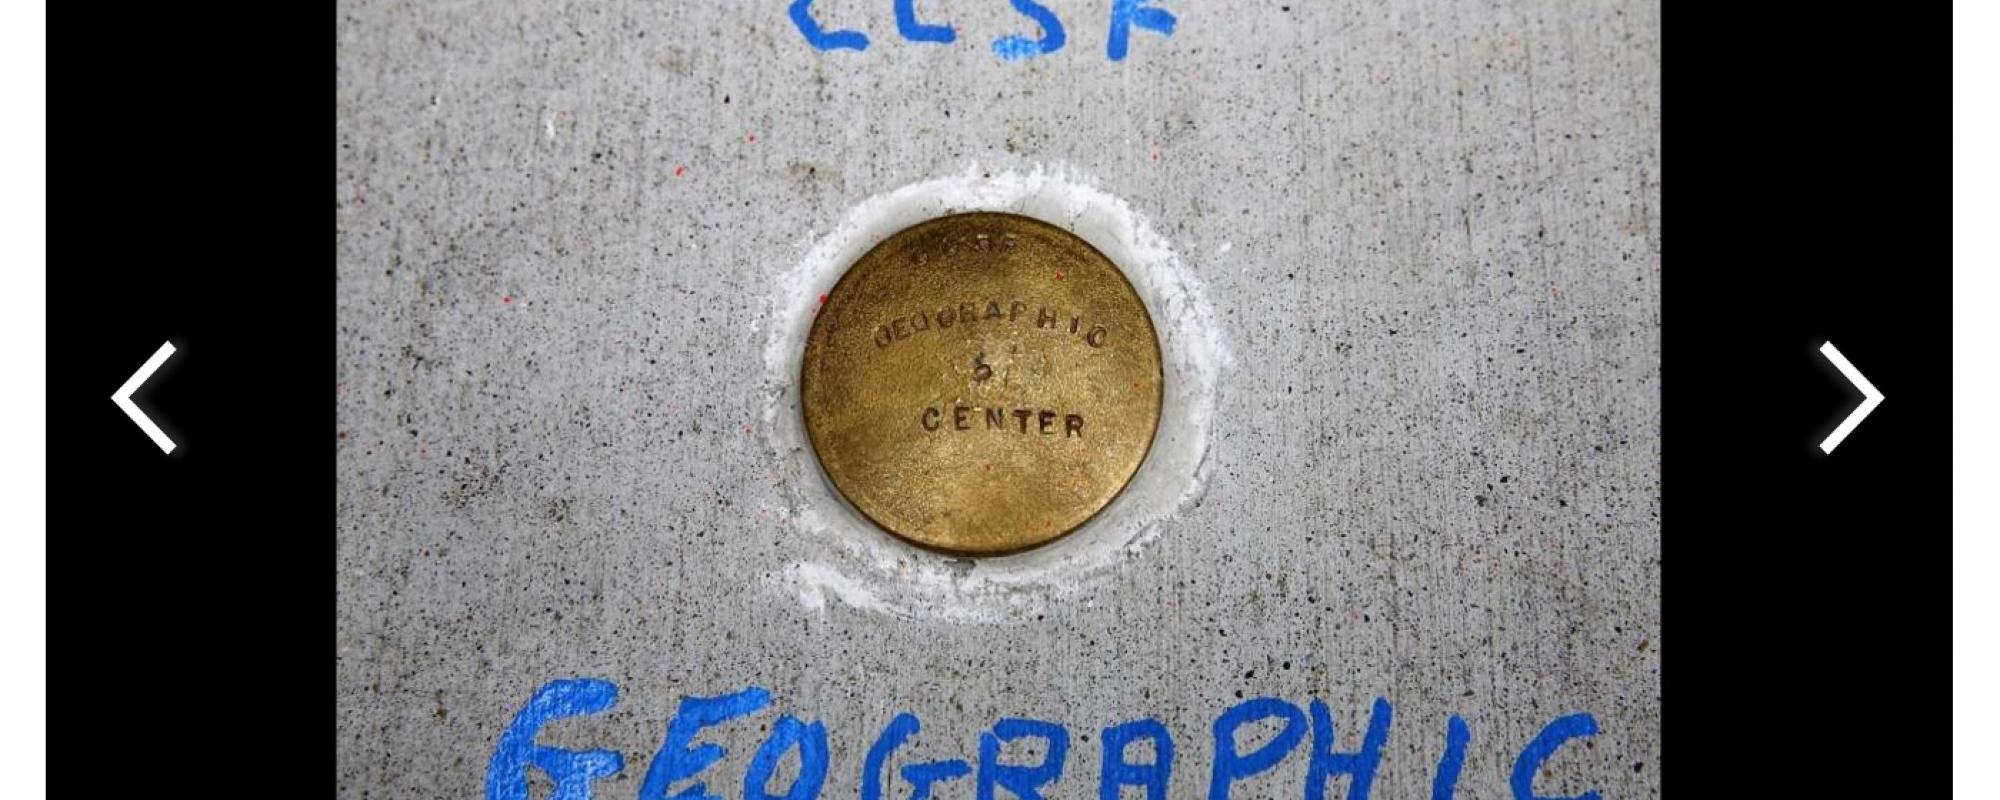 center marker